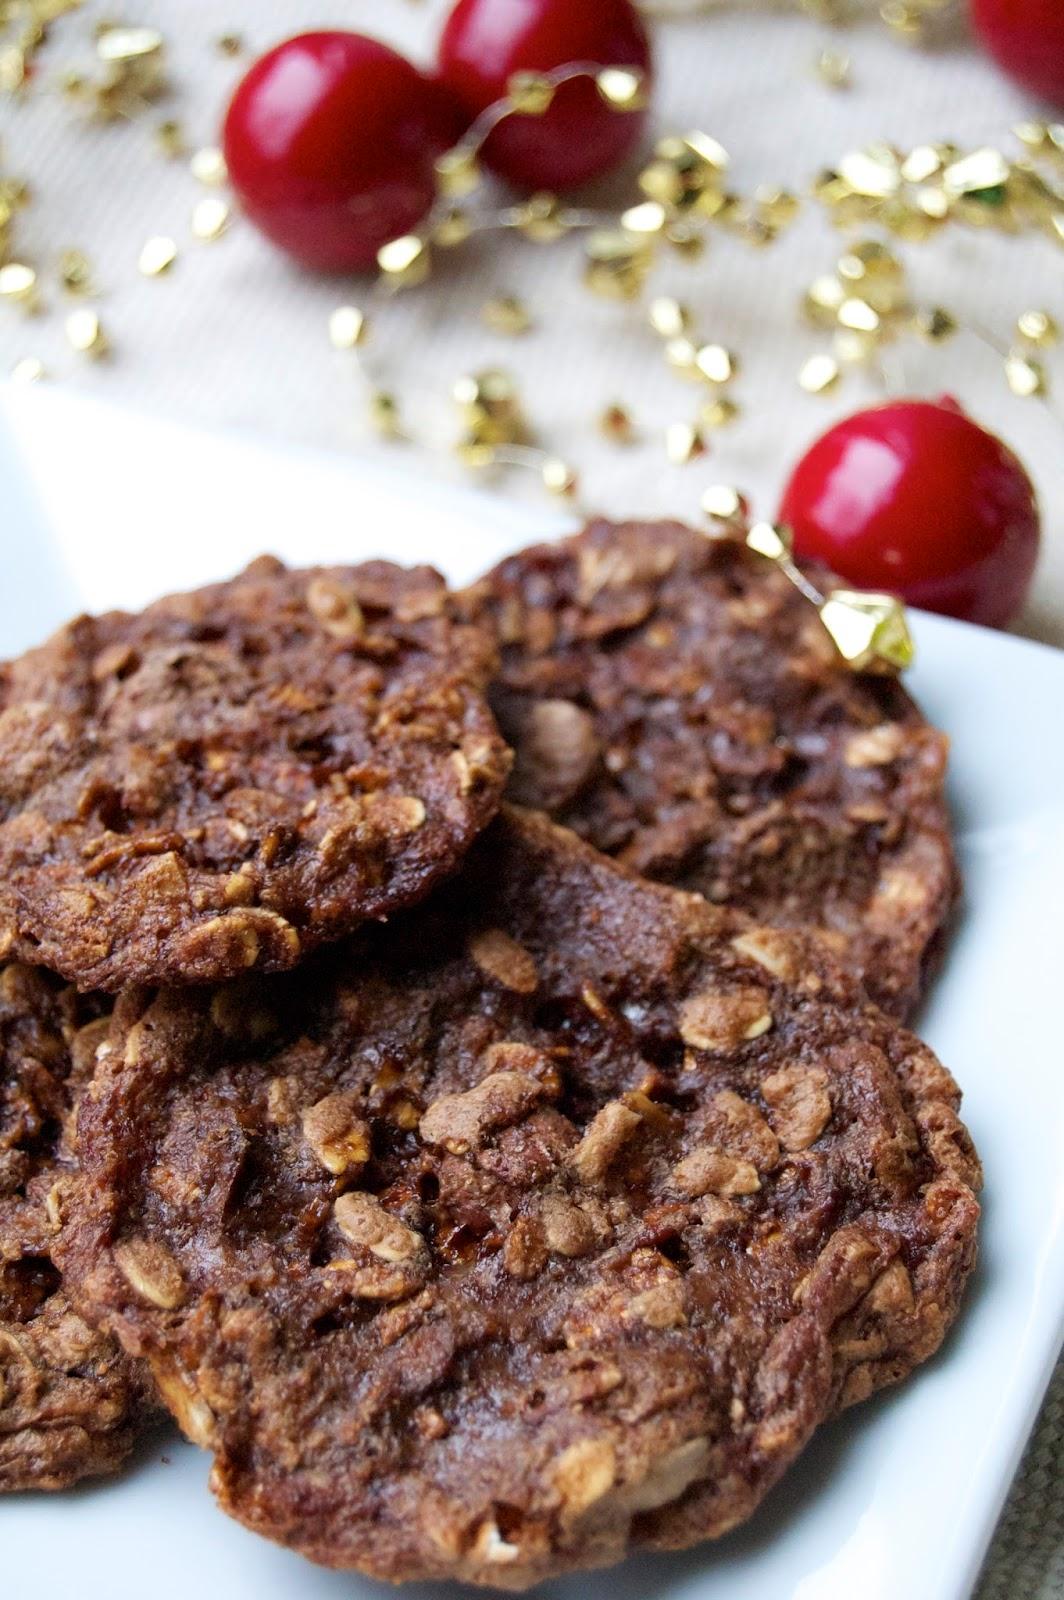 Chocolate Almond Oat Cookies (Gluten Free) | www.kettlercuisine.com